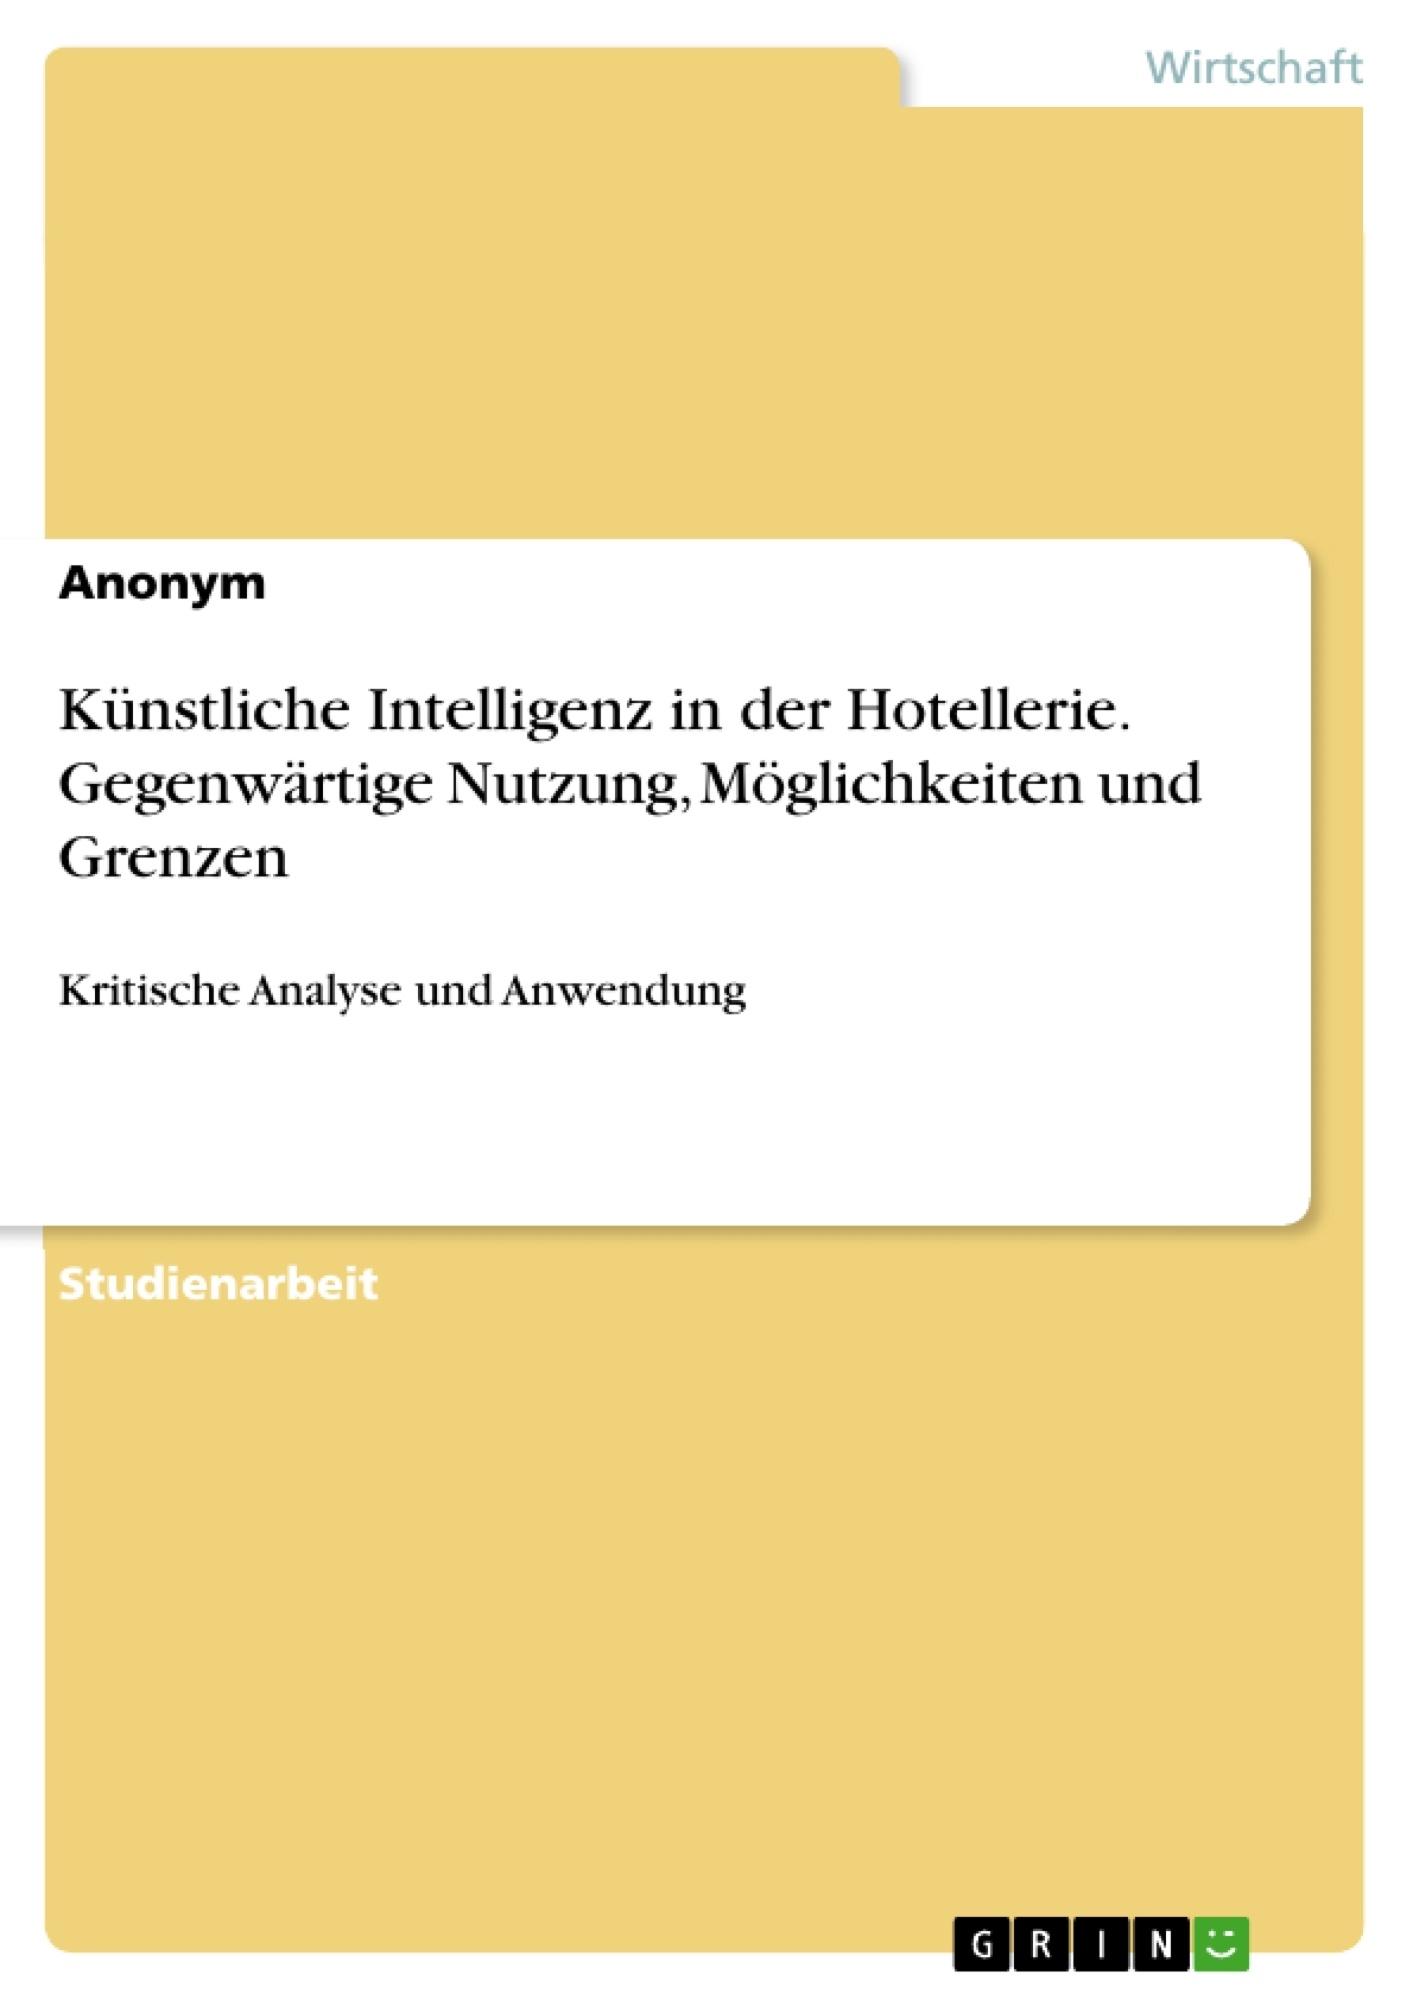 Titel: Künstliche Intelligenz in der Hotellerie. Gegenwärtige Nutzung, Möglichkeiten und Grenzen